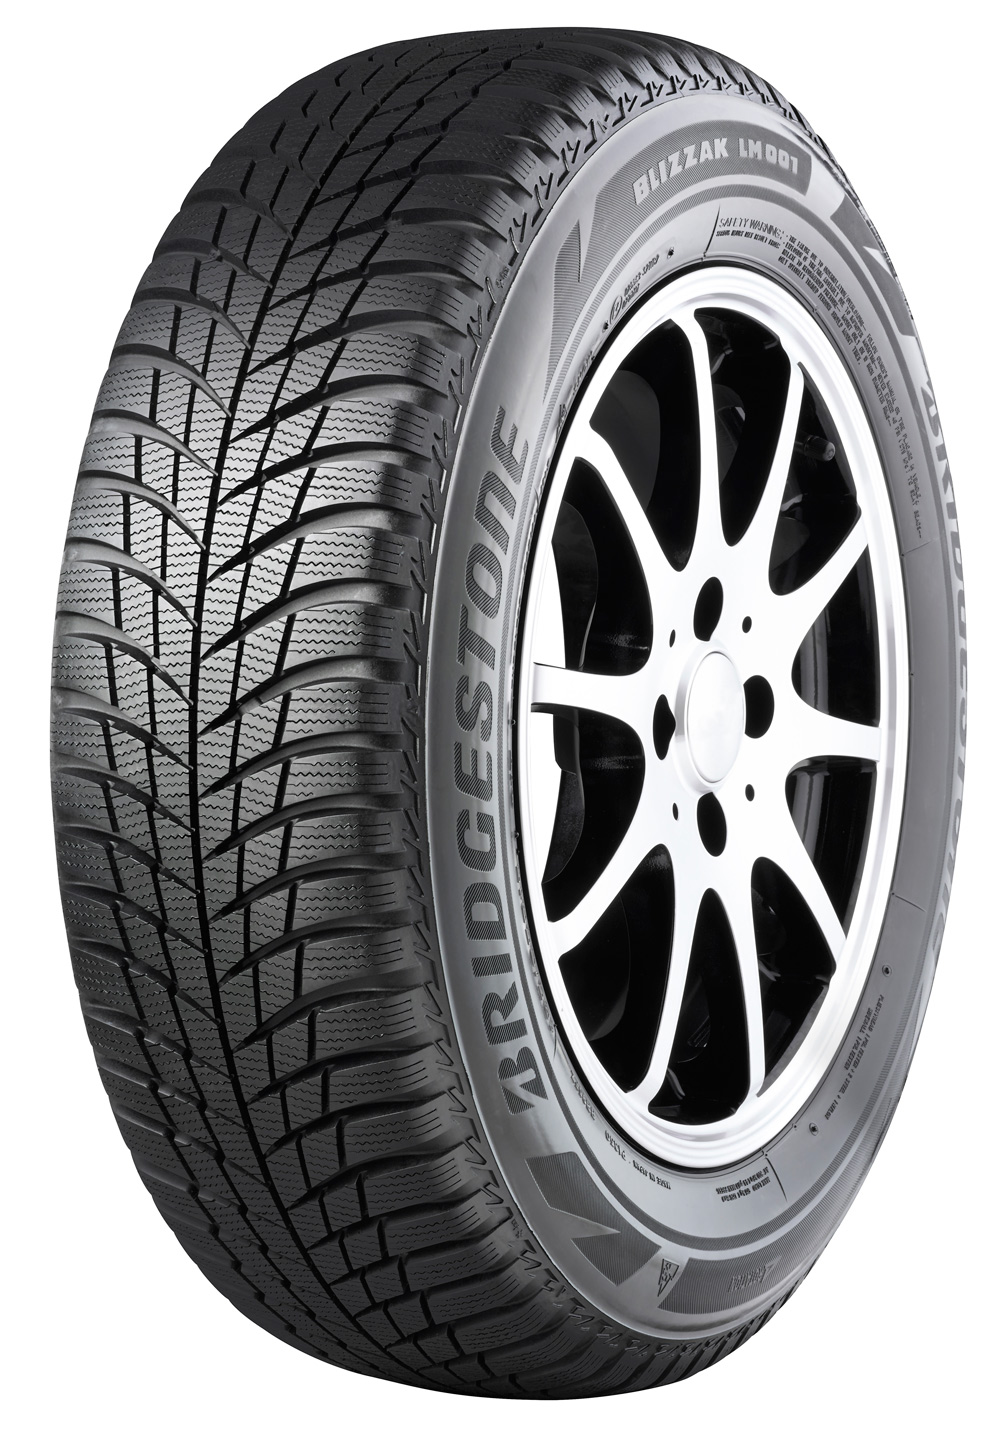 Bridgestone Blizzak Lm001 225/50 R 18 95H zimní